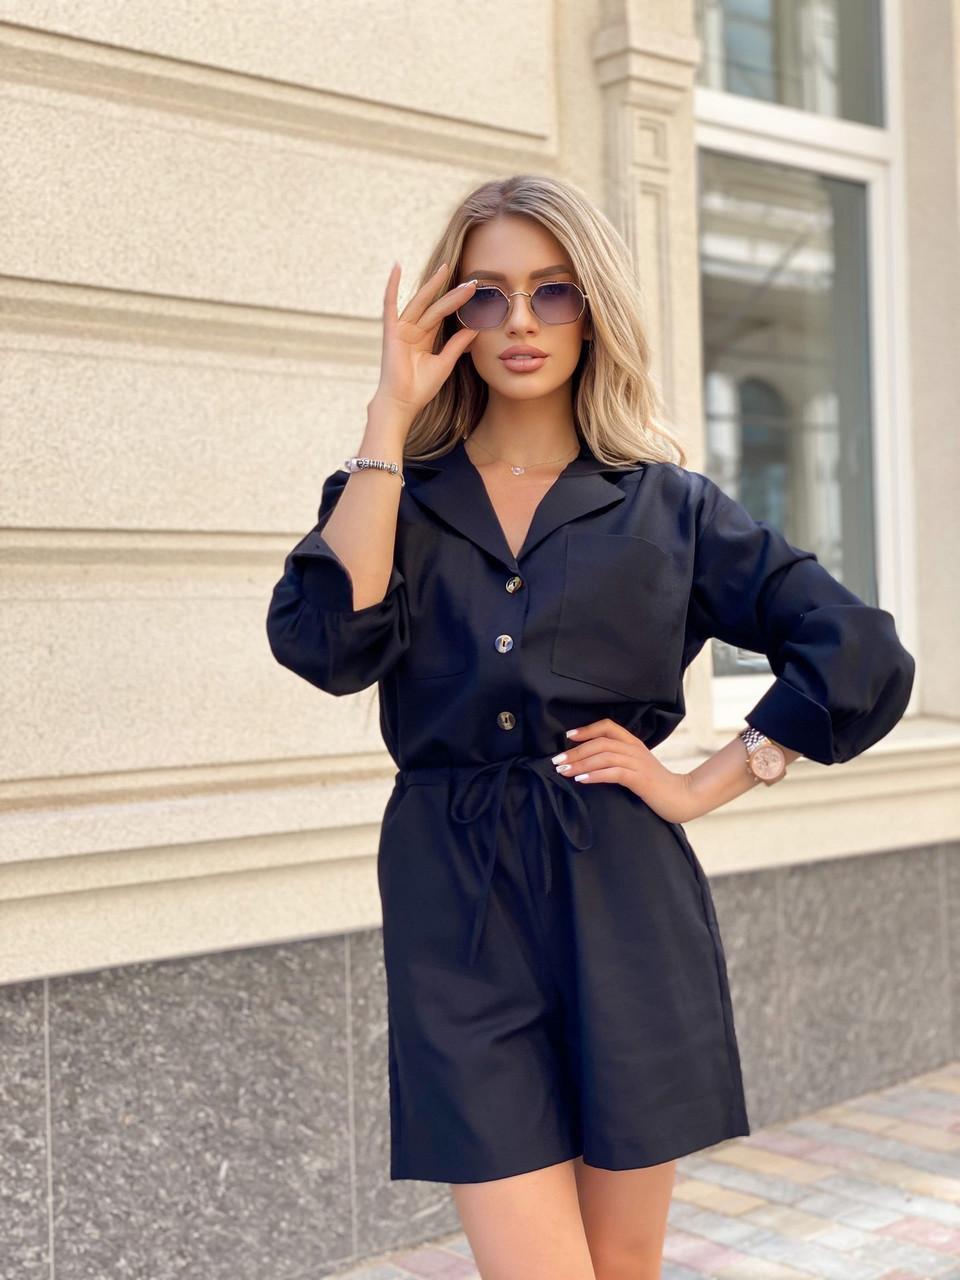 Стильный комбинезон женский шортами на пуговицах, с длинным рукавом, 00978 (Черный), Размер 48 (XL)